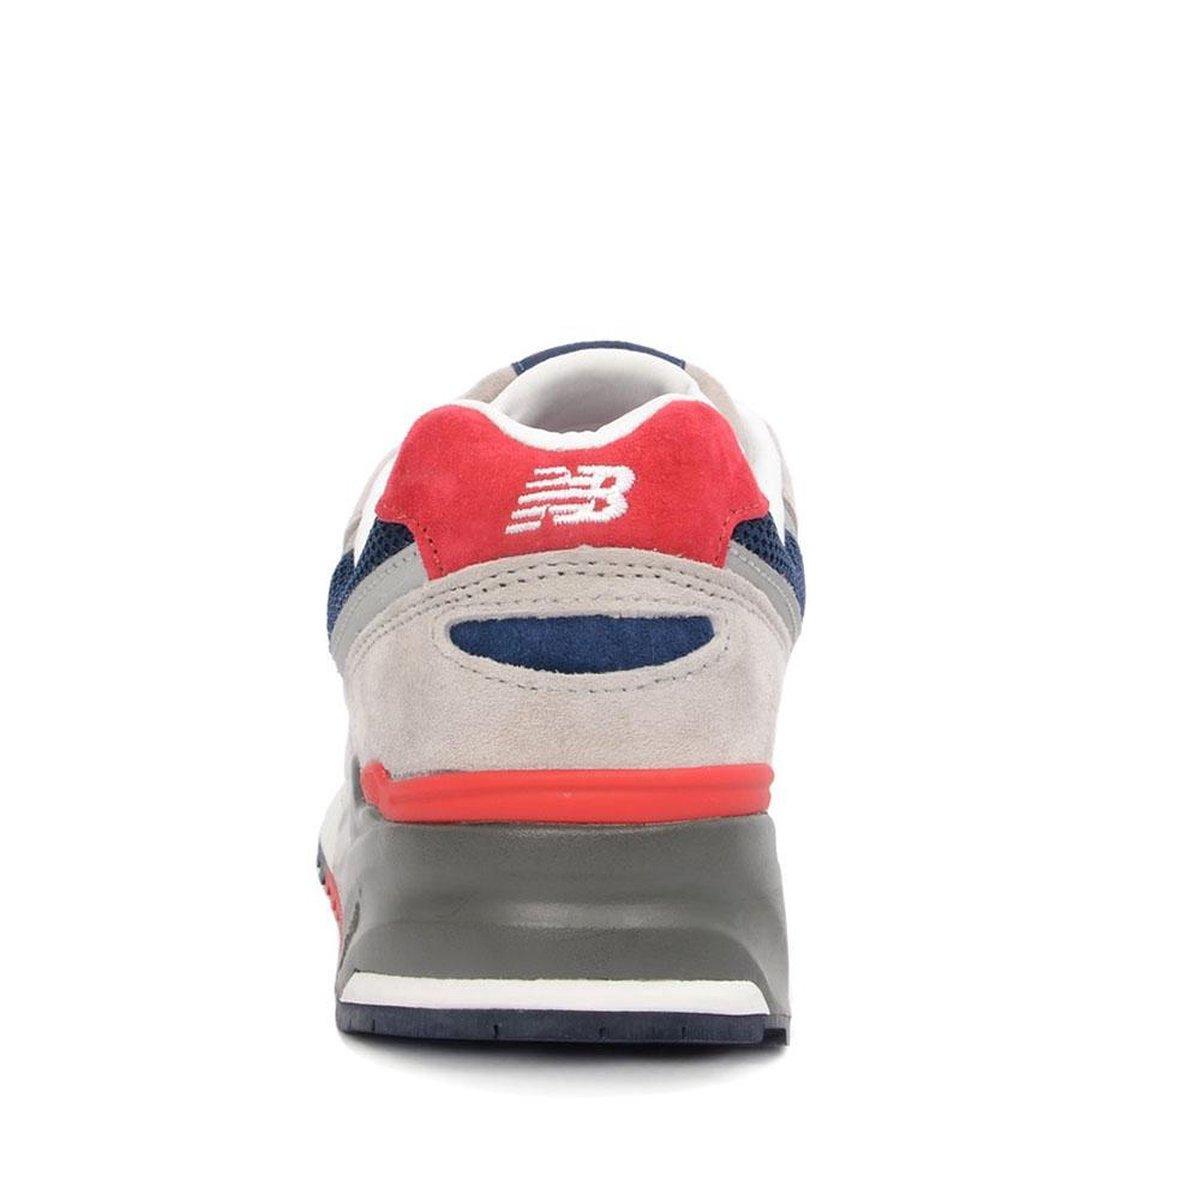 New Balance 999 Grijze Heren Sneakers